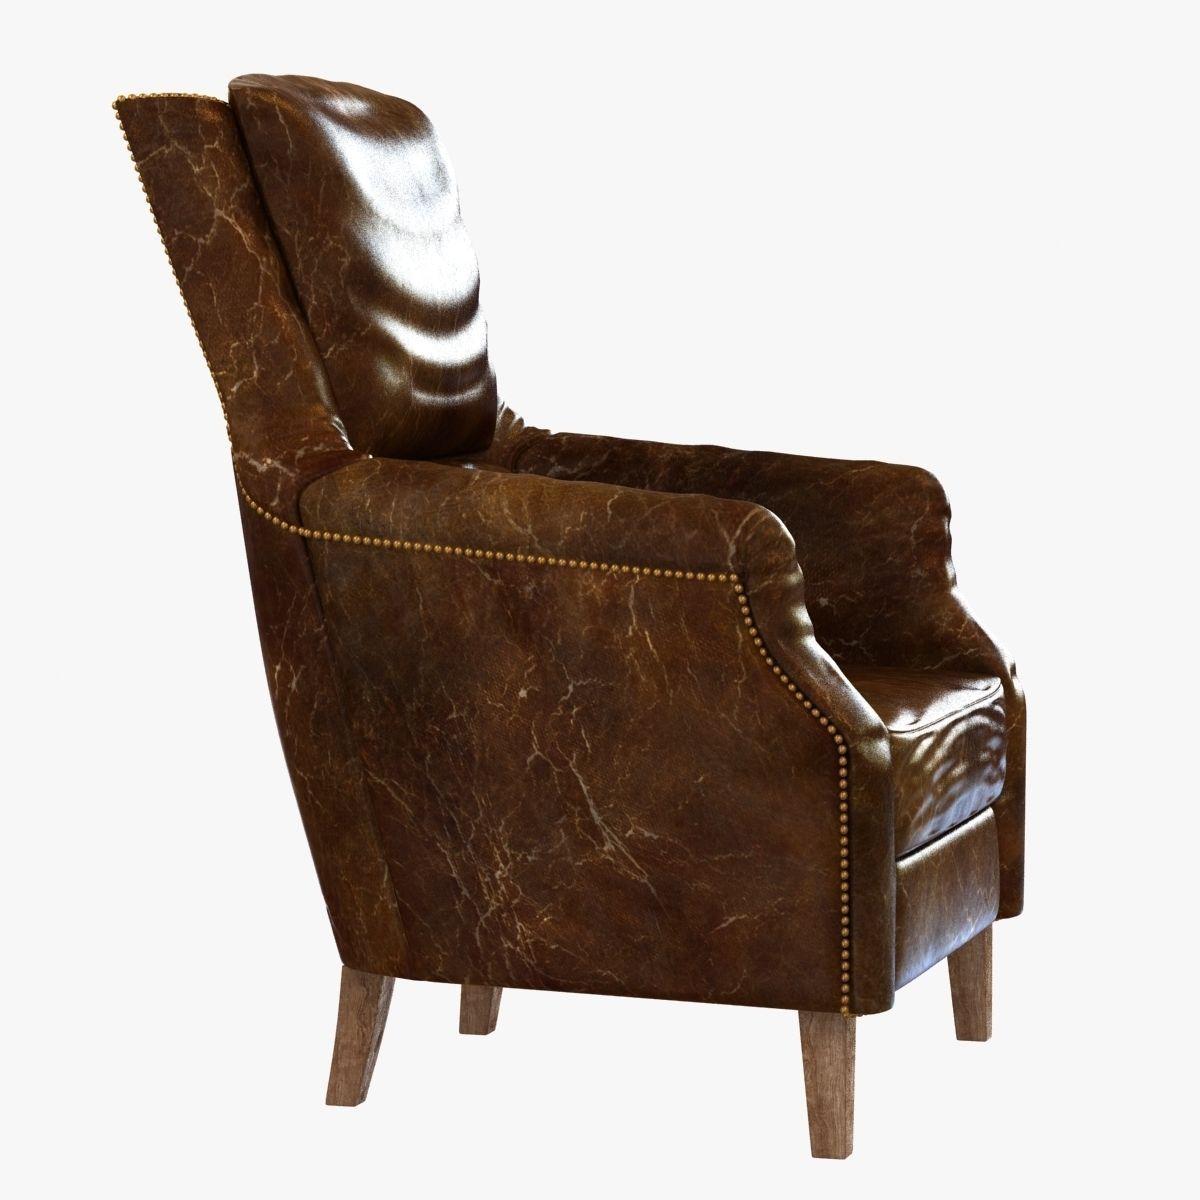 chelsea classic man room distressed cigar leather arm chair d  -  chelsea classic man room distressed cigar leather arm chair d modelmax obj ds fbx mtl